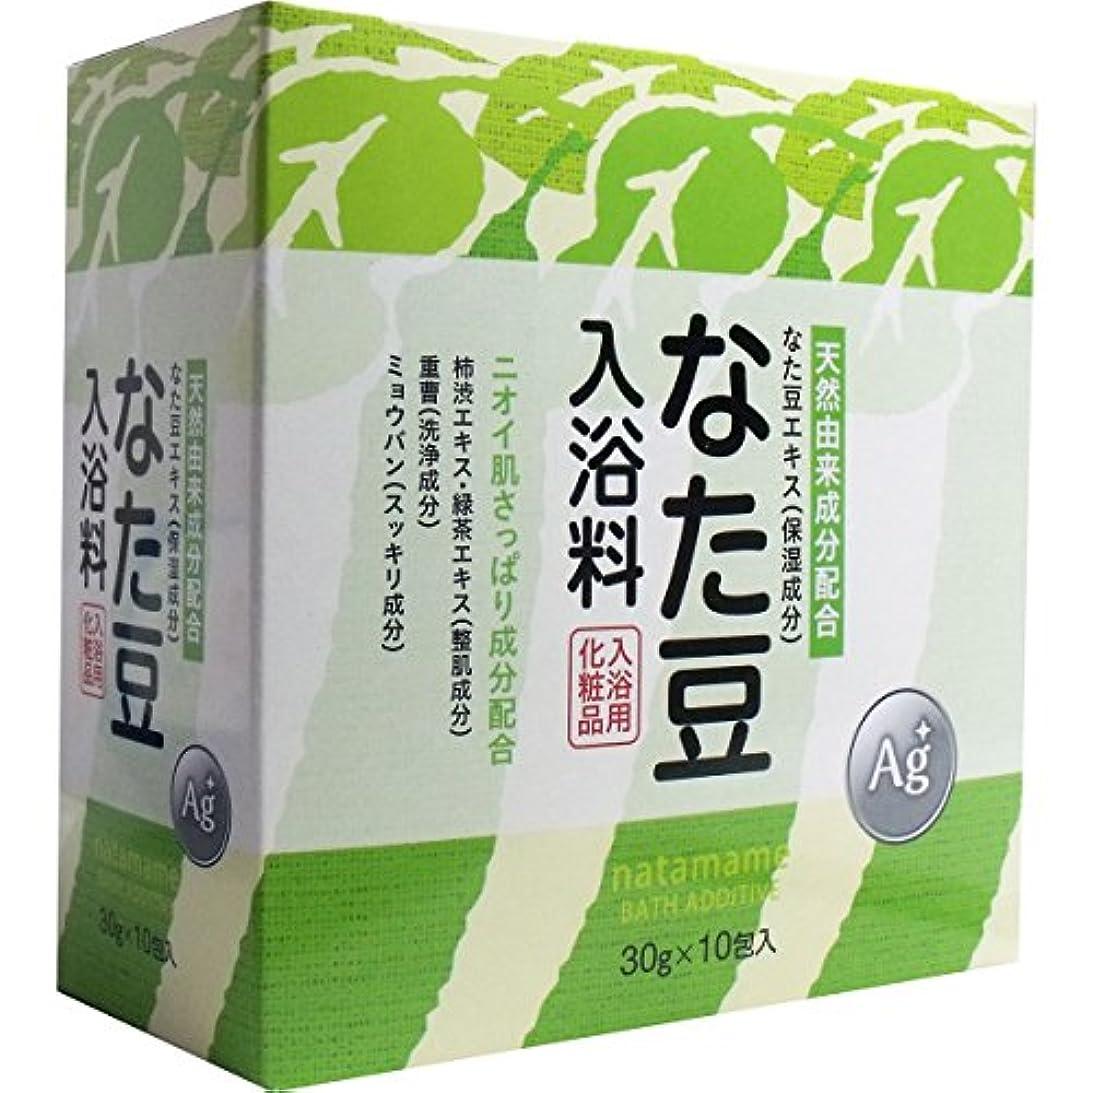 批判おもてなし小包なた豆入浴料 入浴用化粧品 30g×10包入×5